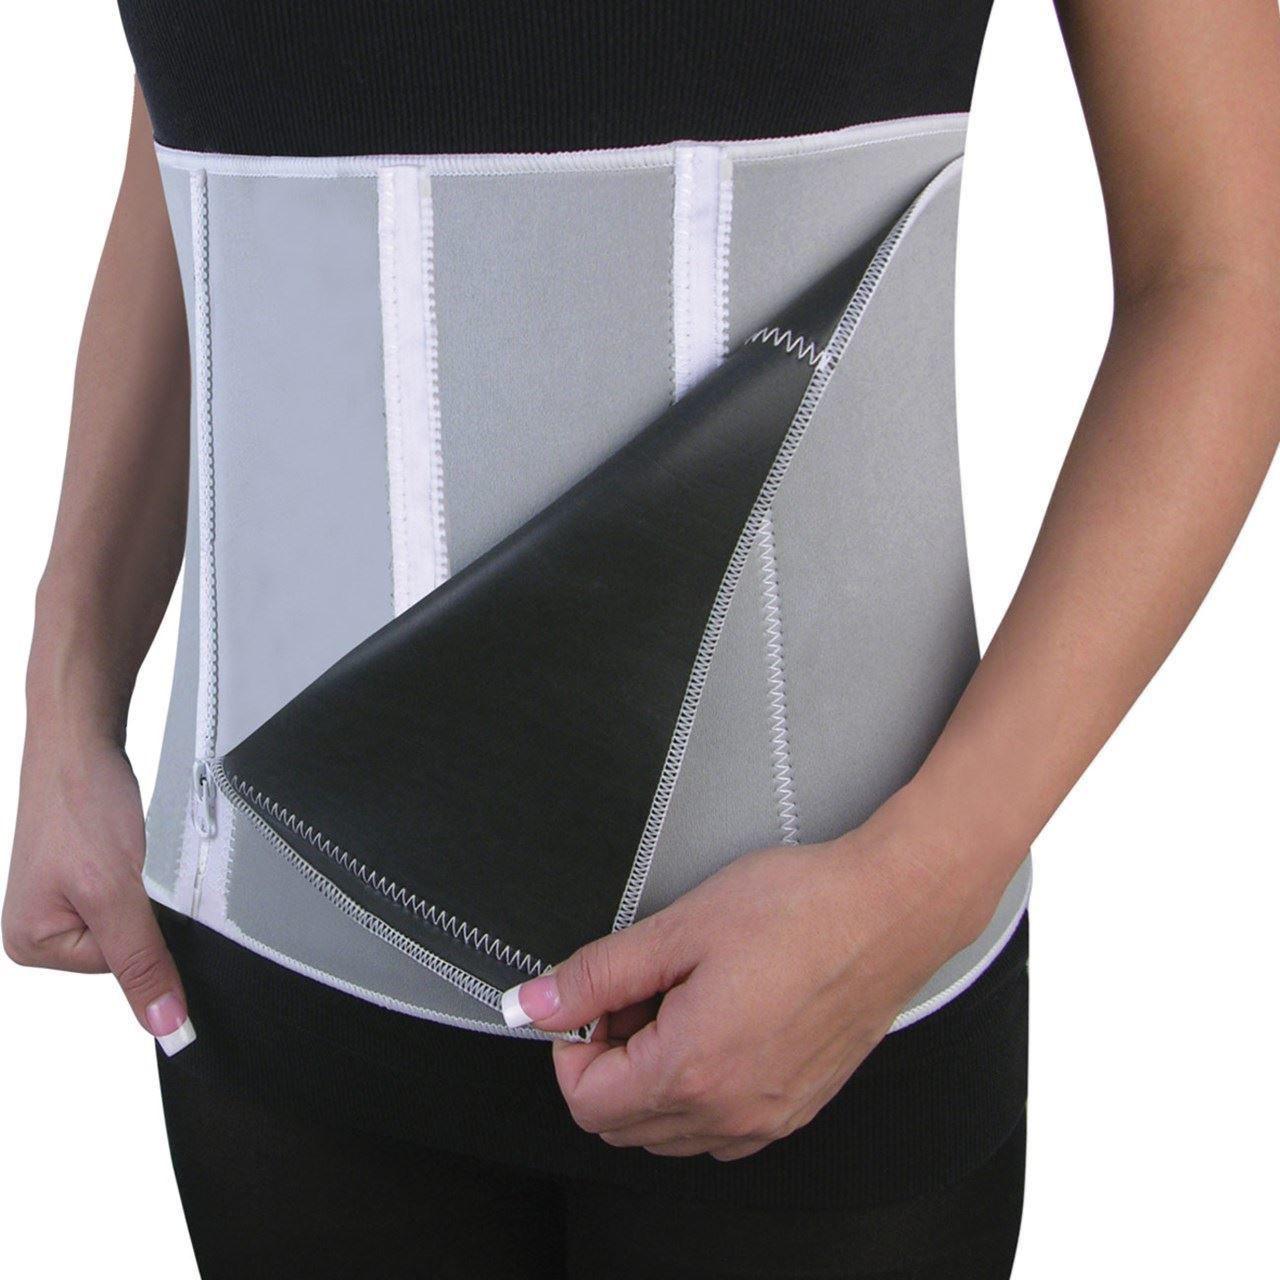 Picture of Adjustable Slimming Belt